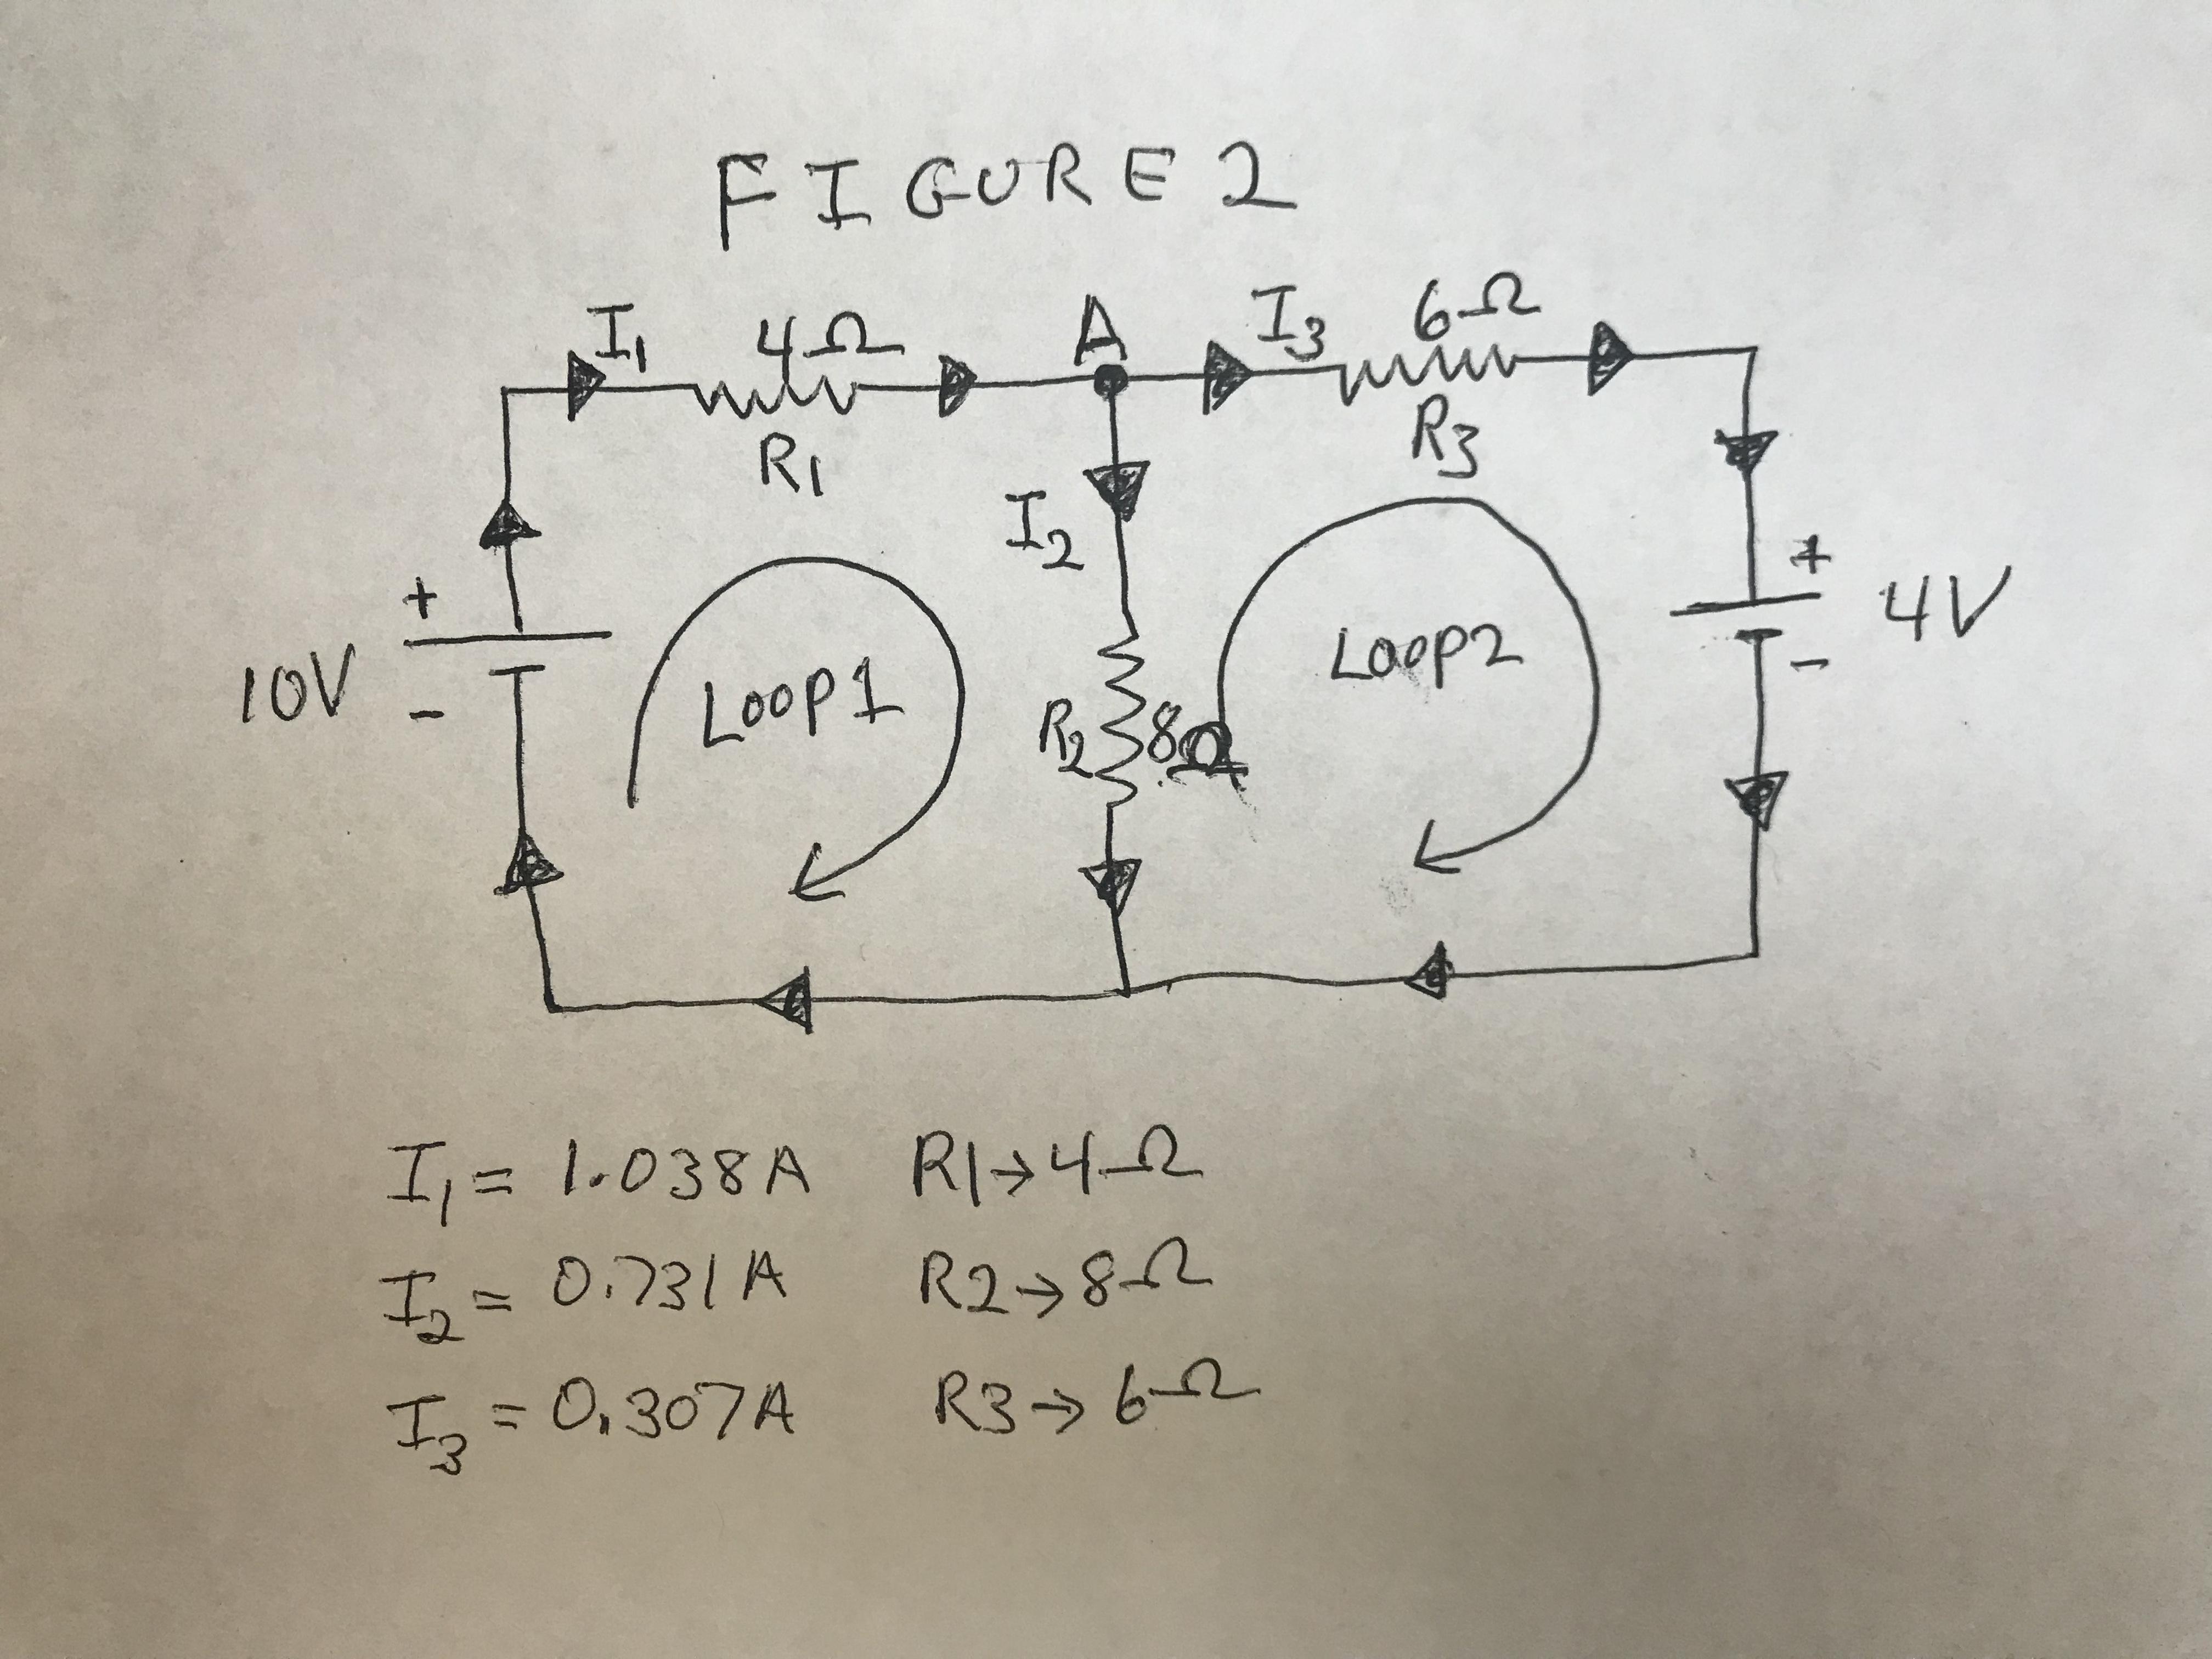 Rt 3 Loop1